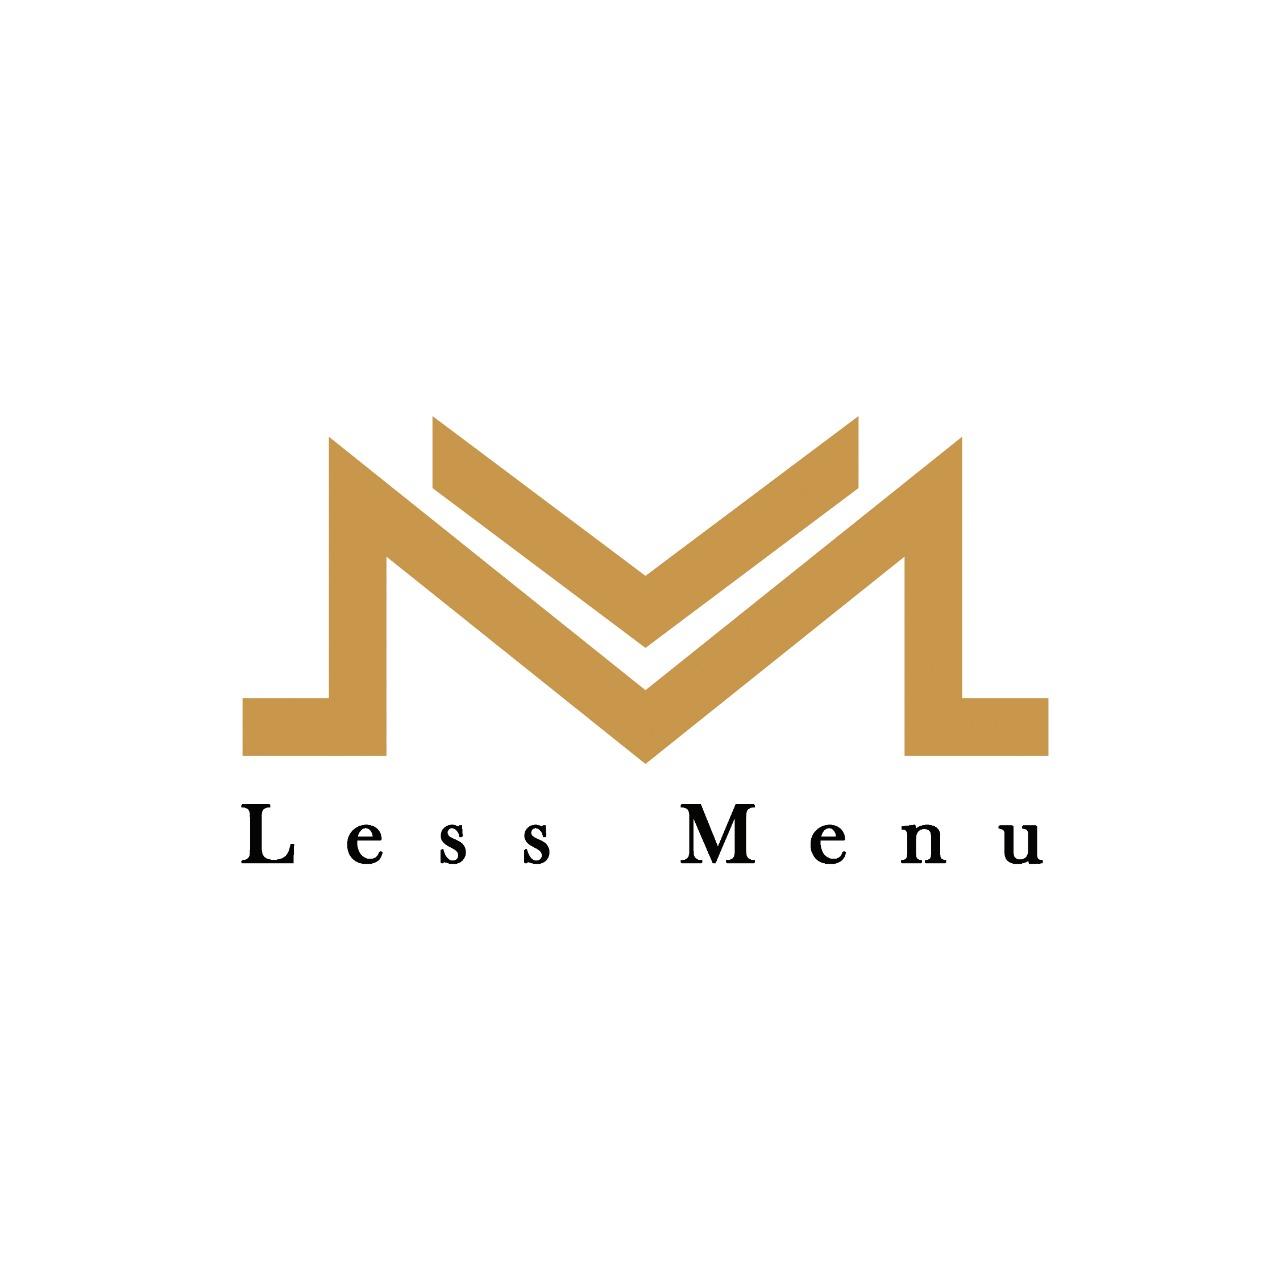 LessMenu